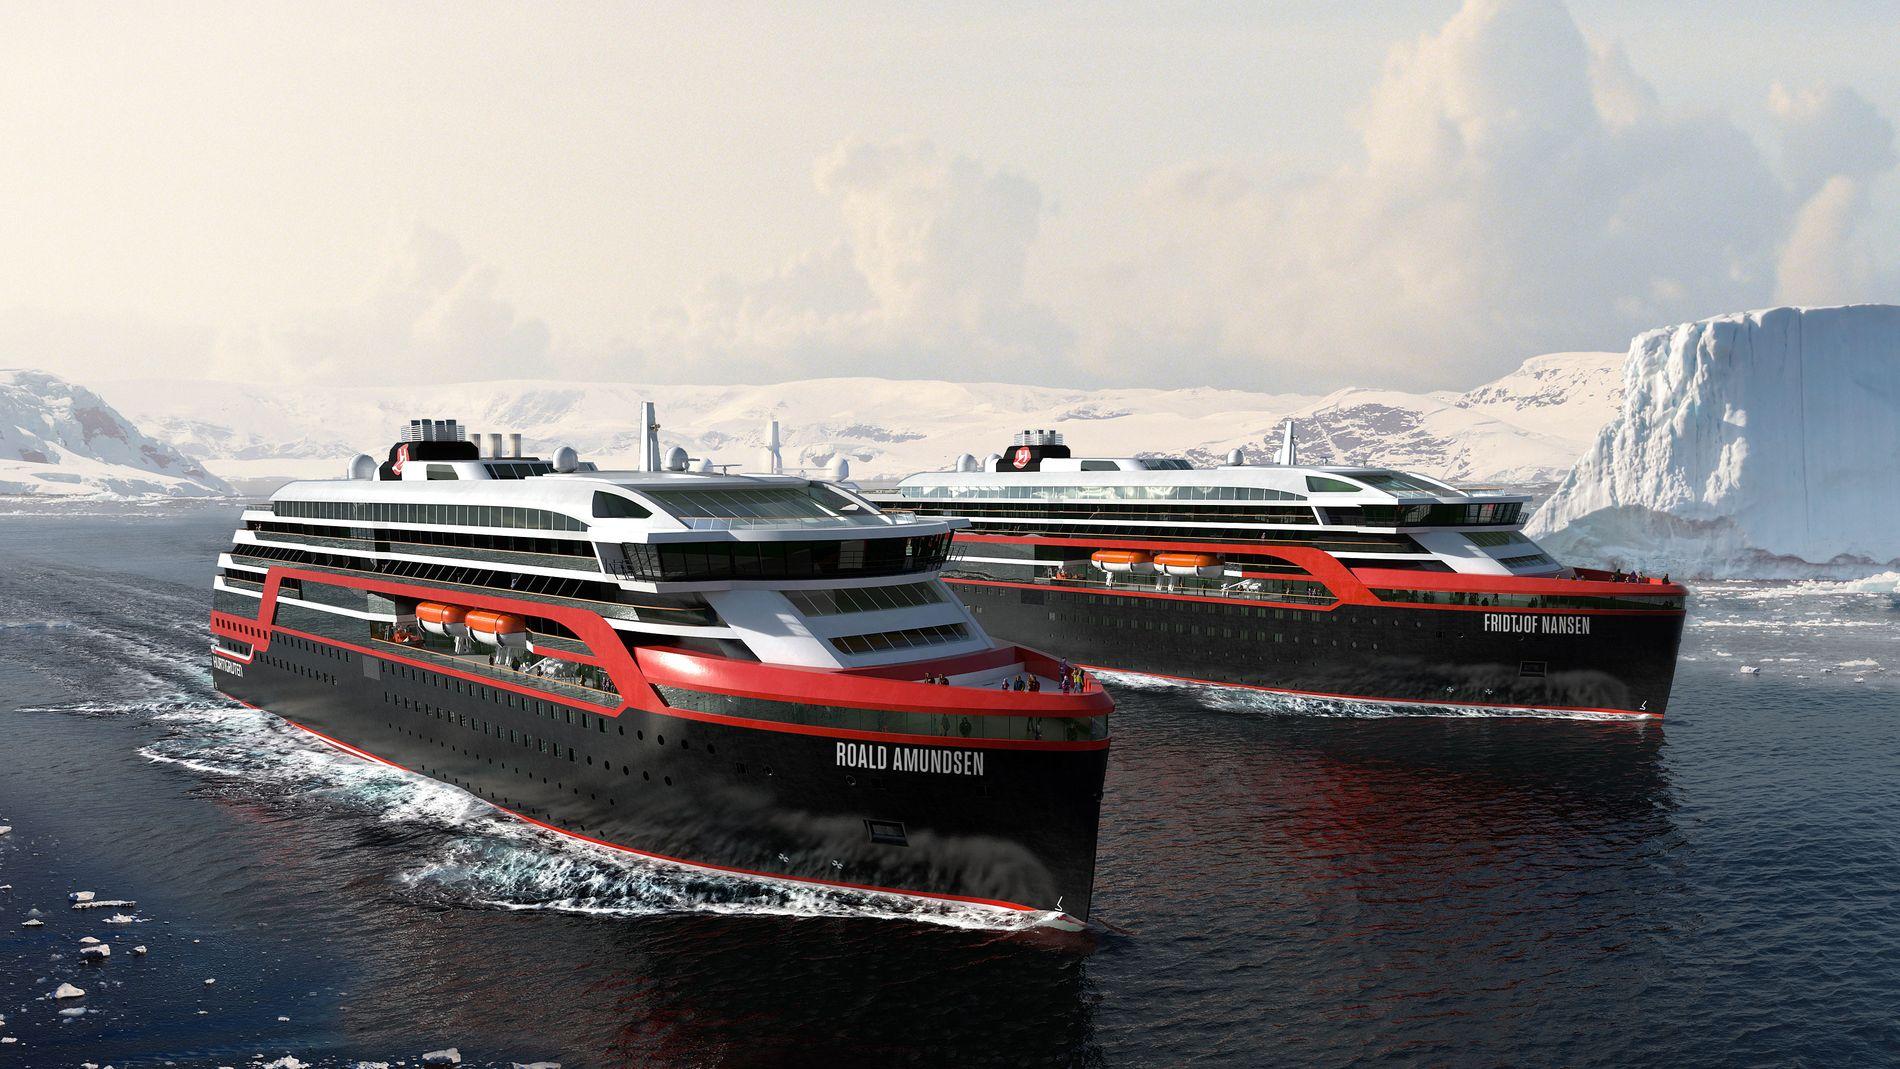 """STORSATSNING: Hurtigrutens nye hybrid-ekspedisjonsskip """"MS Fridtjof Nansen"""" og """"MS Roald Amundsen""""."""